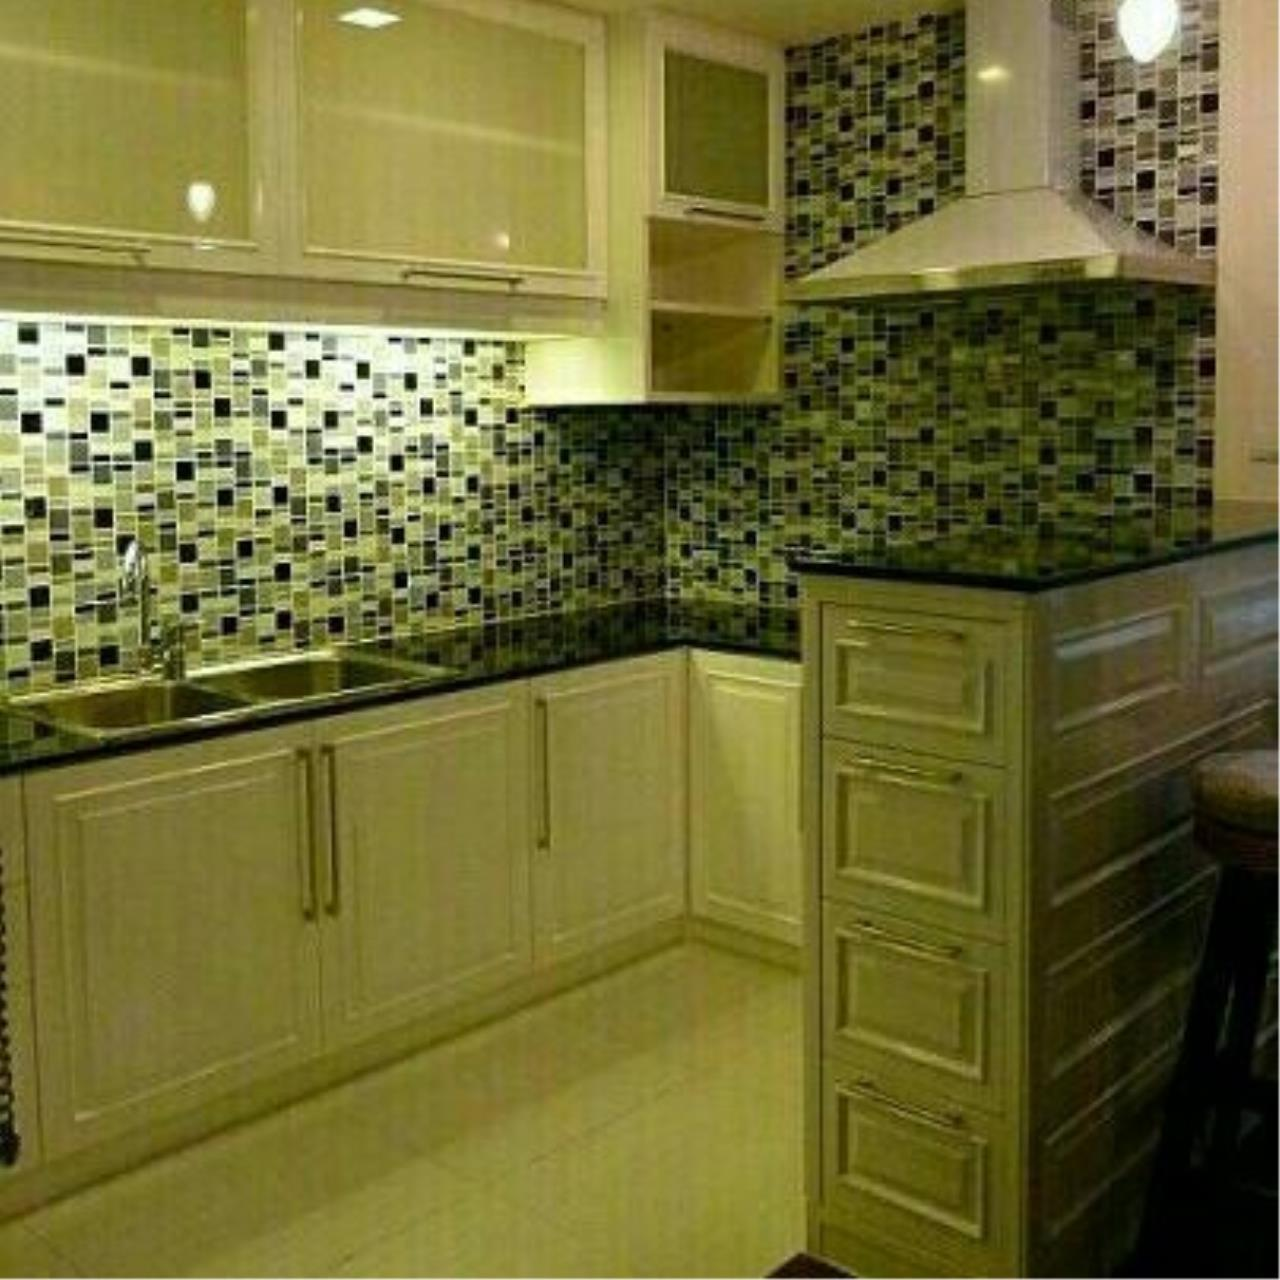 You Estate Agency's sale or rent 52000 area 80 sq.m 2 bed Prime Mansion sukhumvit 31 6